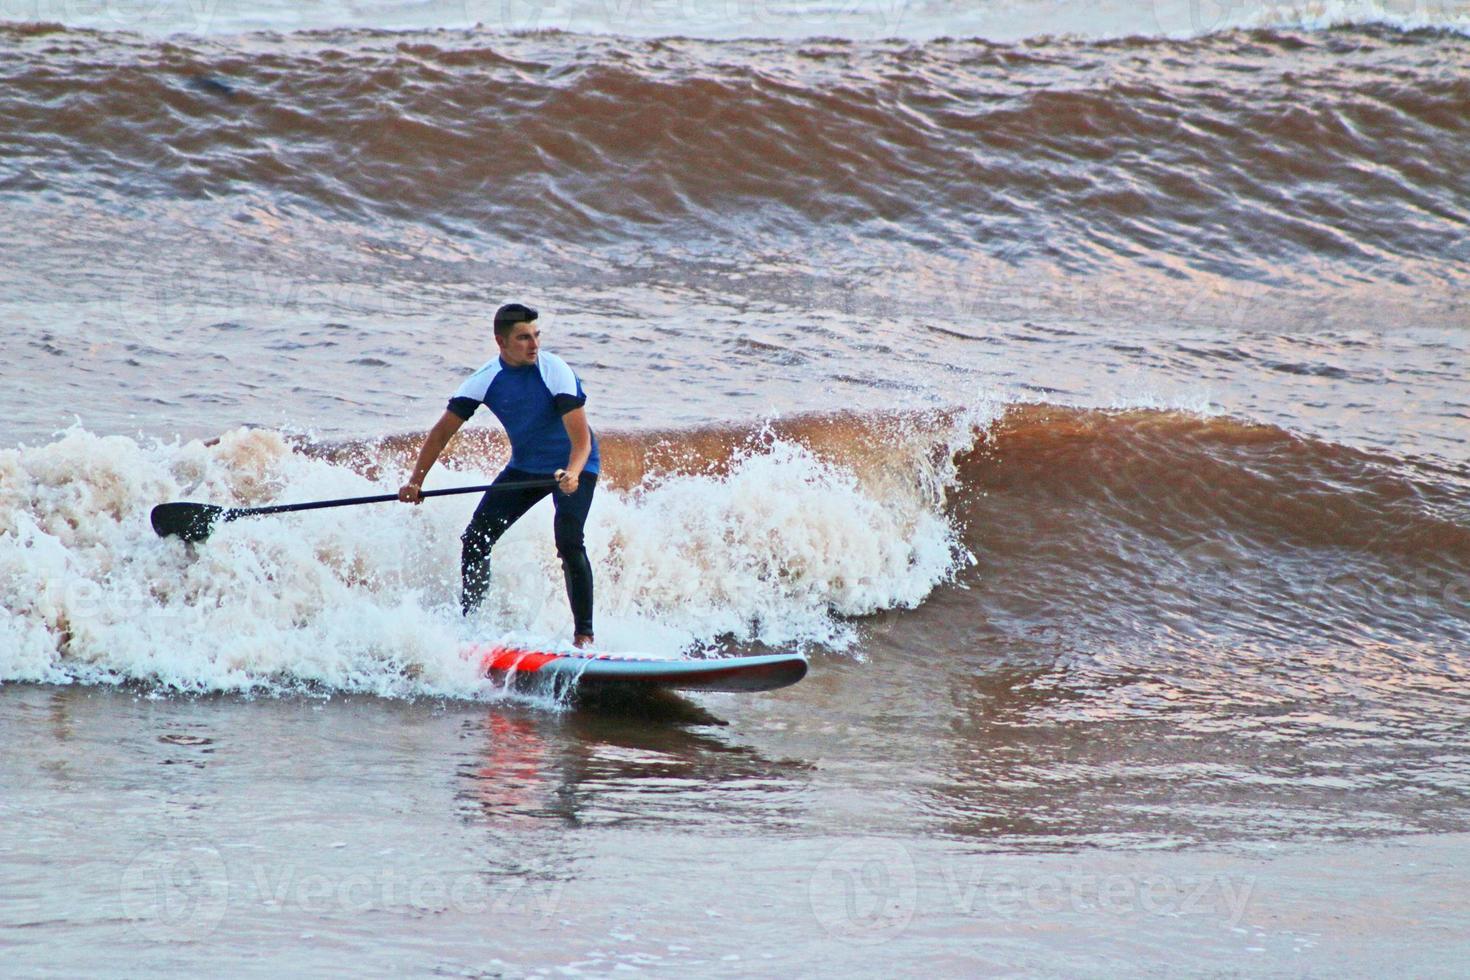 alzarsi in piedi paddle wave foto